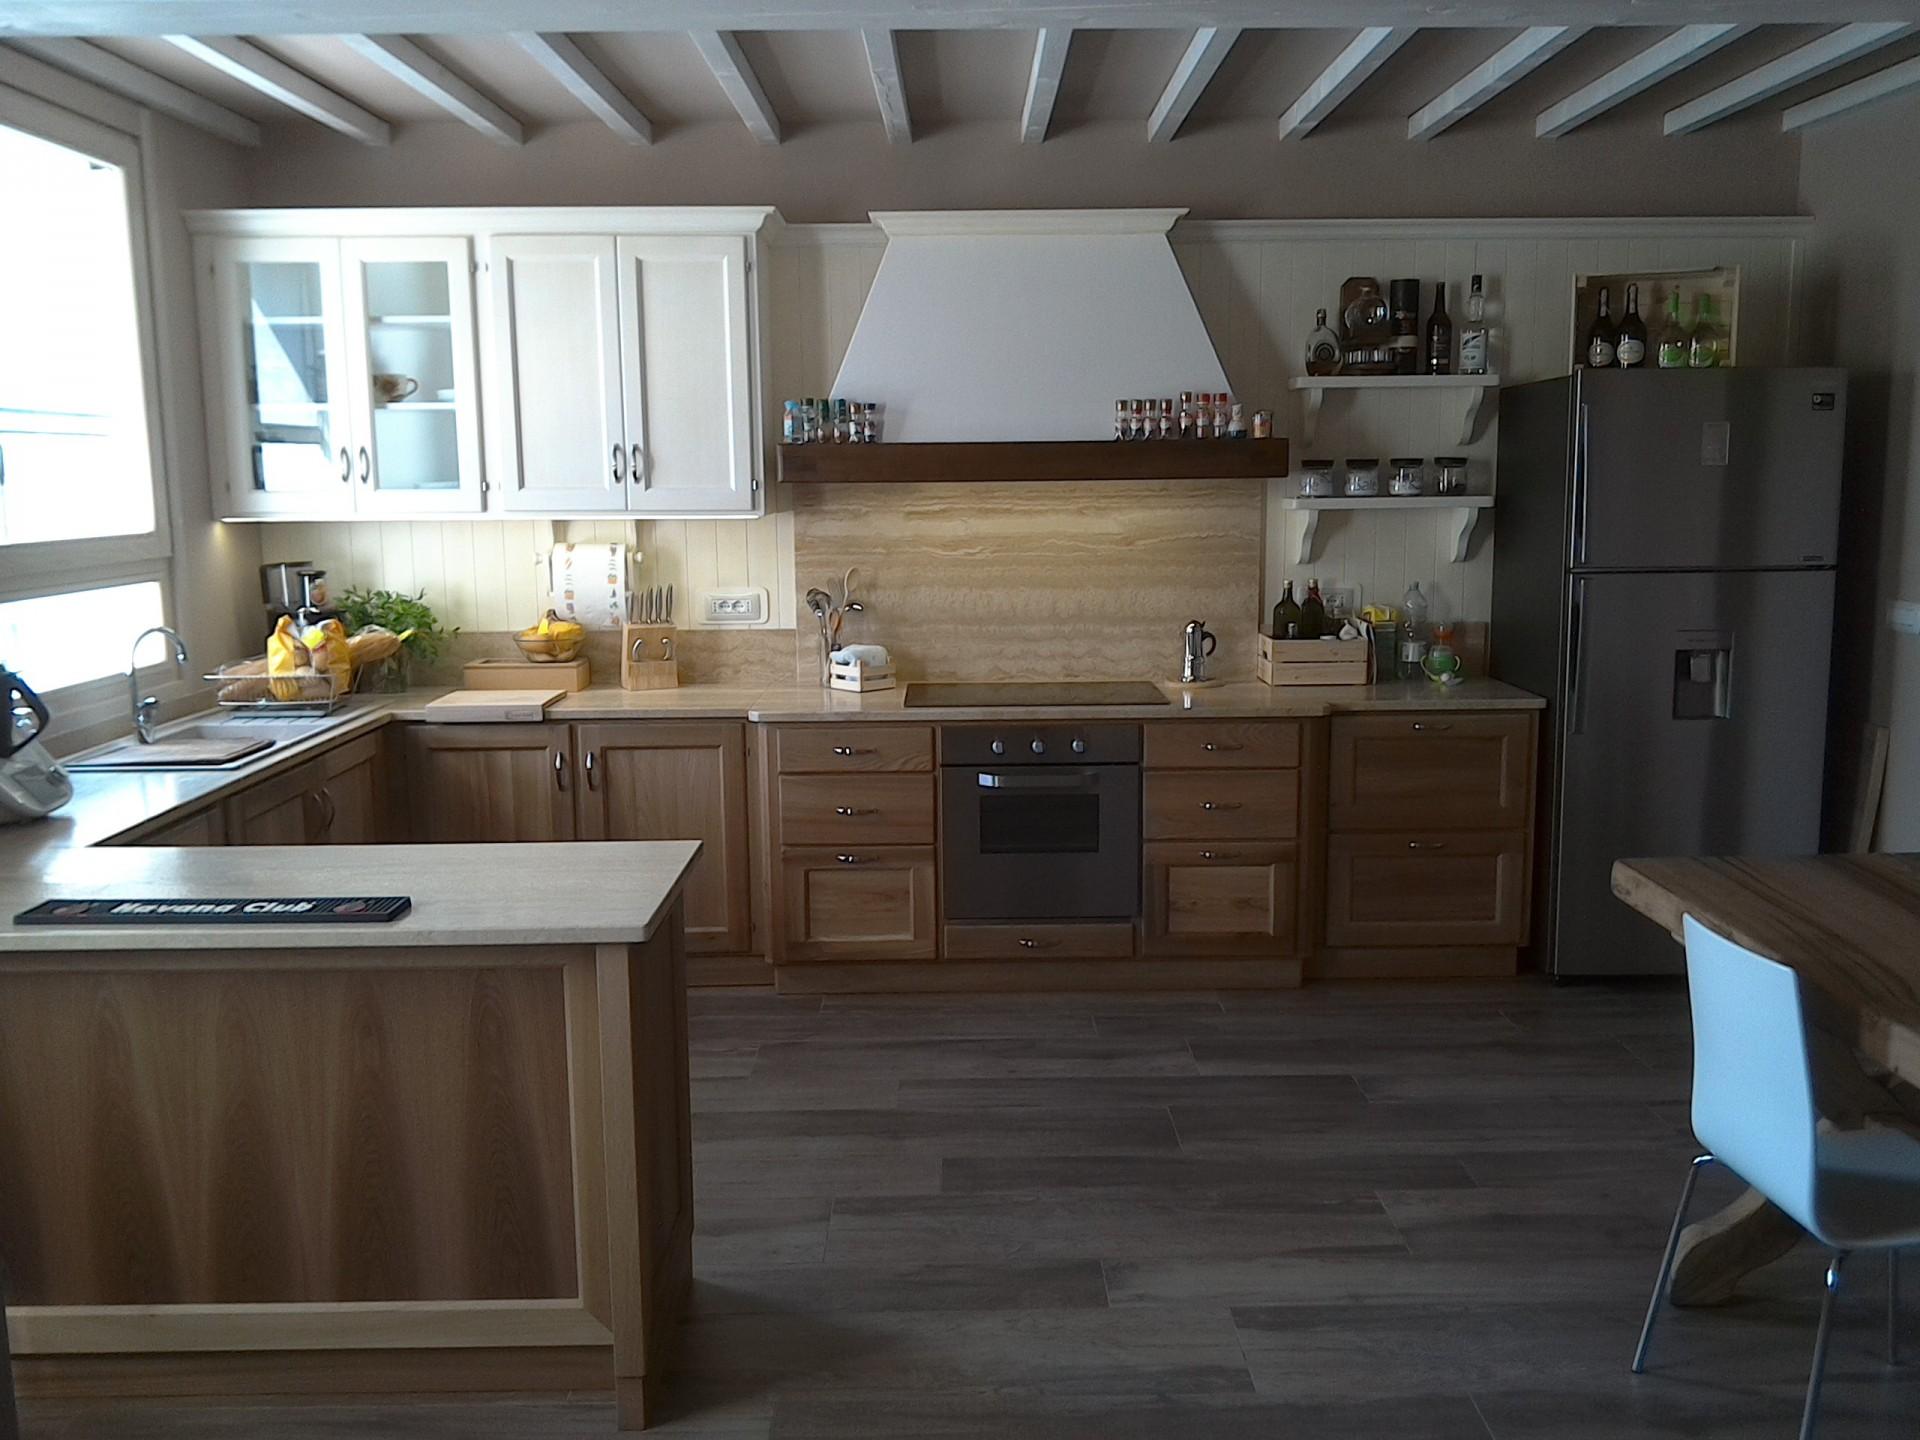 Cucina in legno di olmo fadini mobili cerea verona - Cucina country in muratura ...